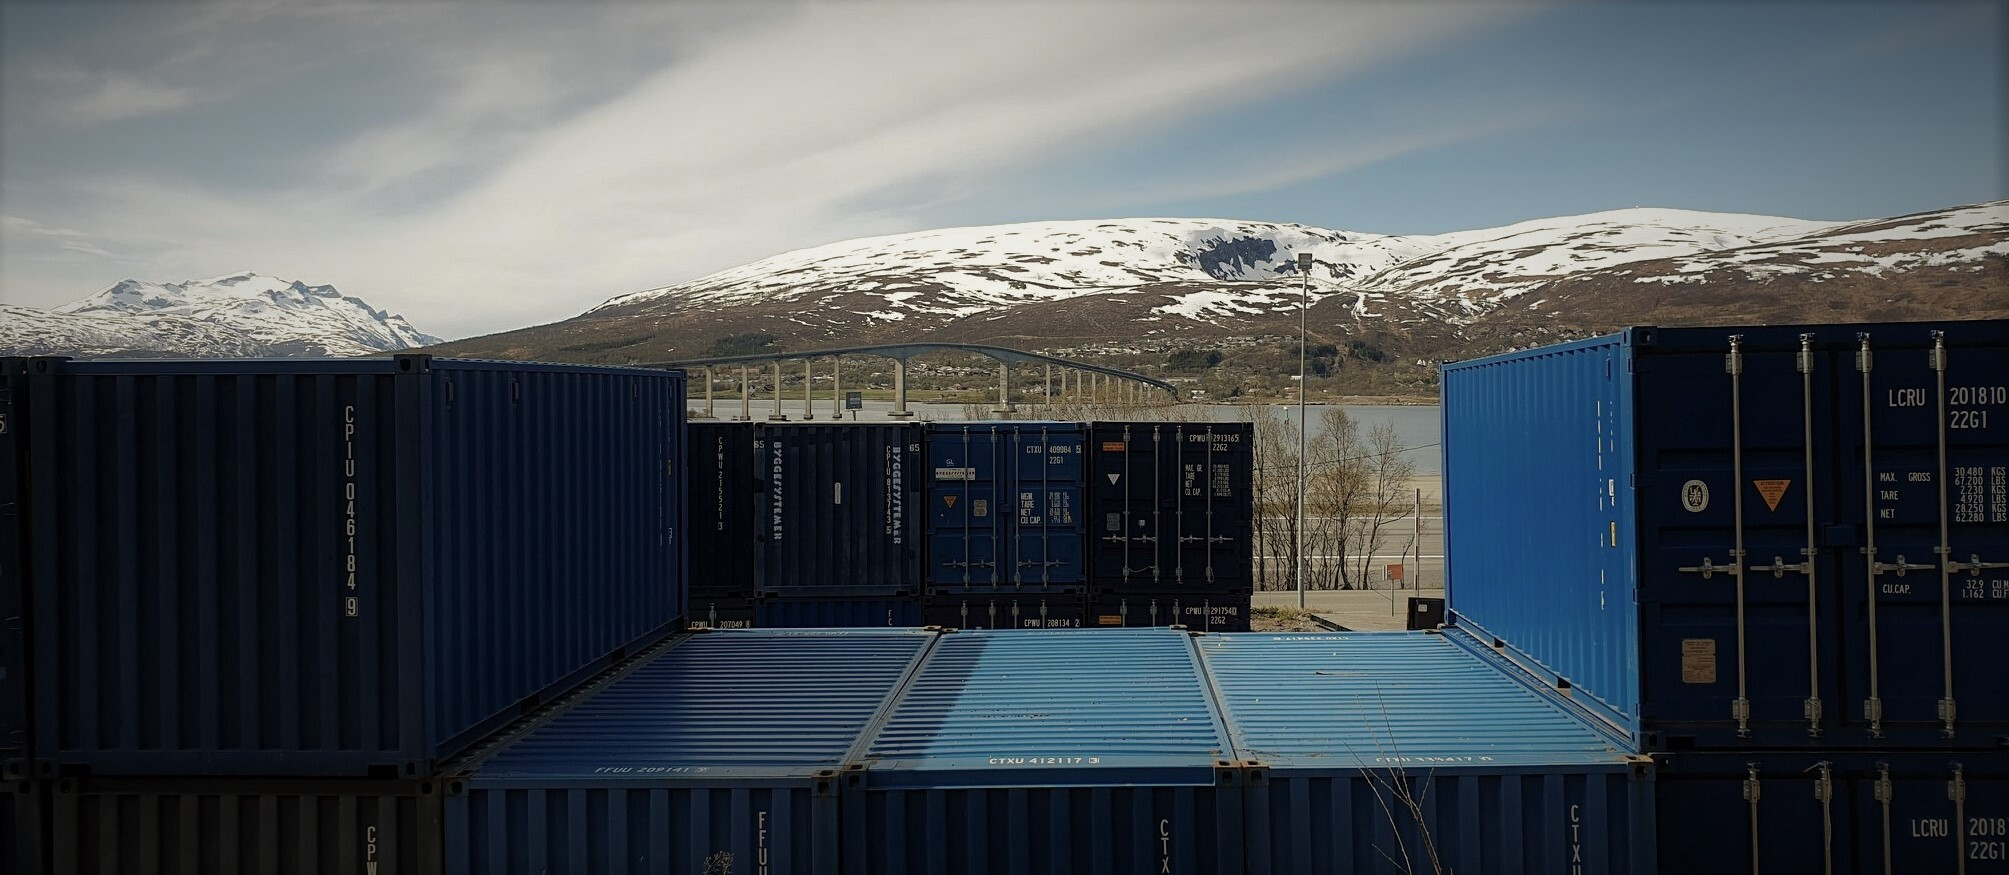 01 Forside toppbilde brakke og container 2 (burlesque 25).jpg